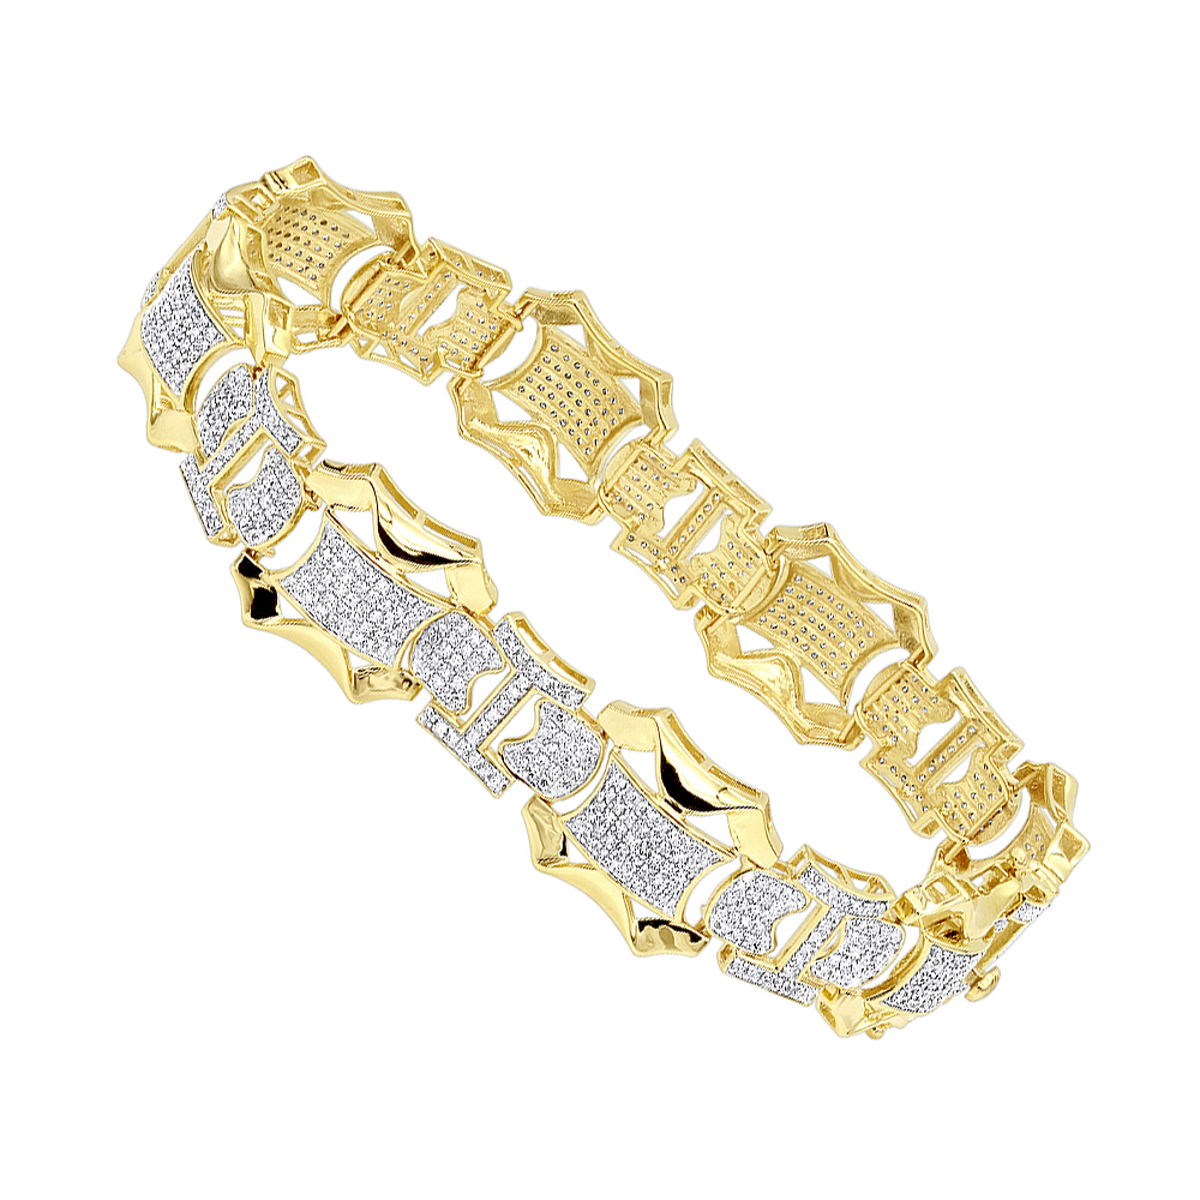 Solid 10k Gold Mens Diamond Bracelet by Luxurman 3 Carats of Diamonds